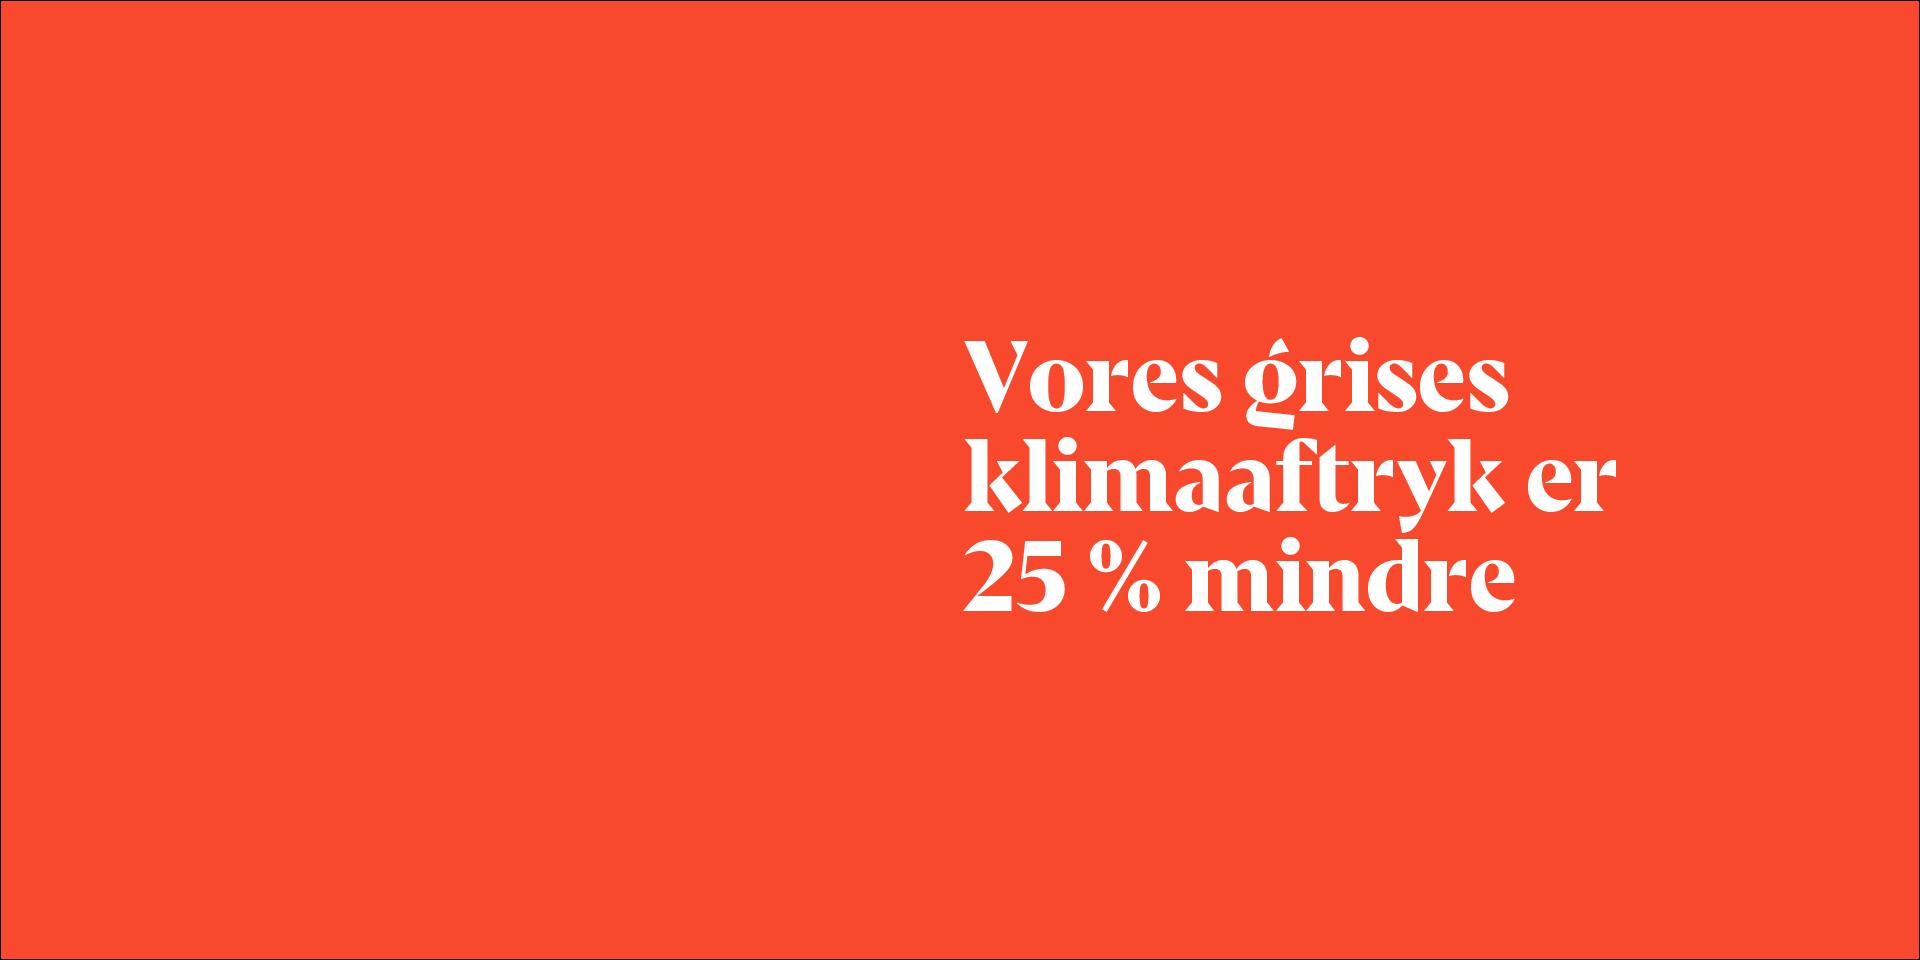 Danish Crown påstår, at deres grises klimaaftryk er 25 procent mindre.